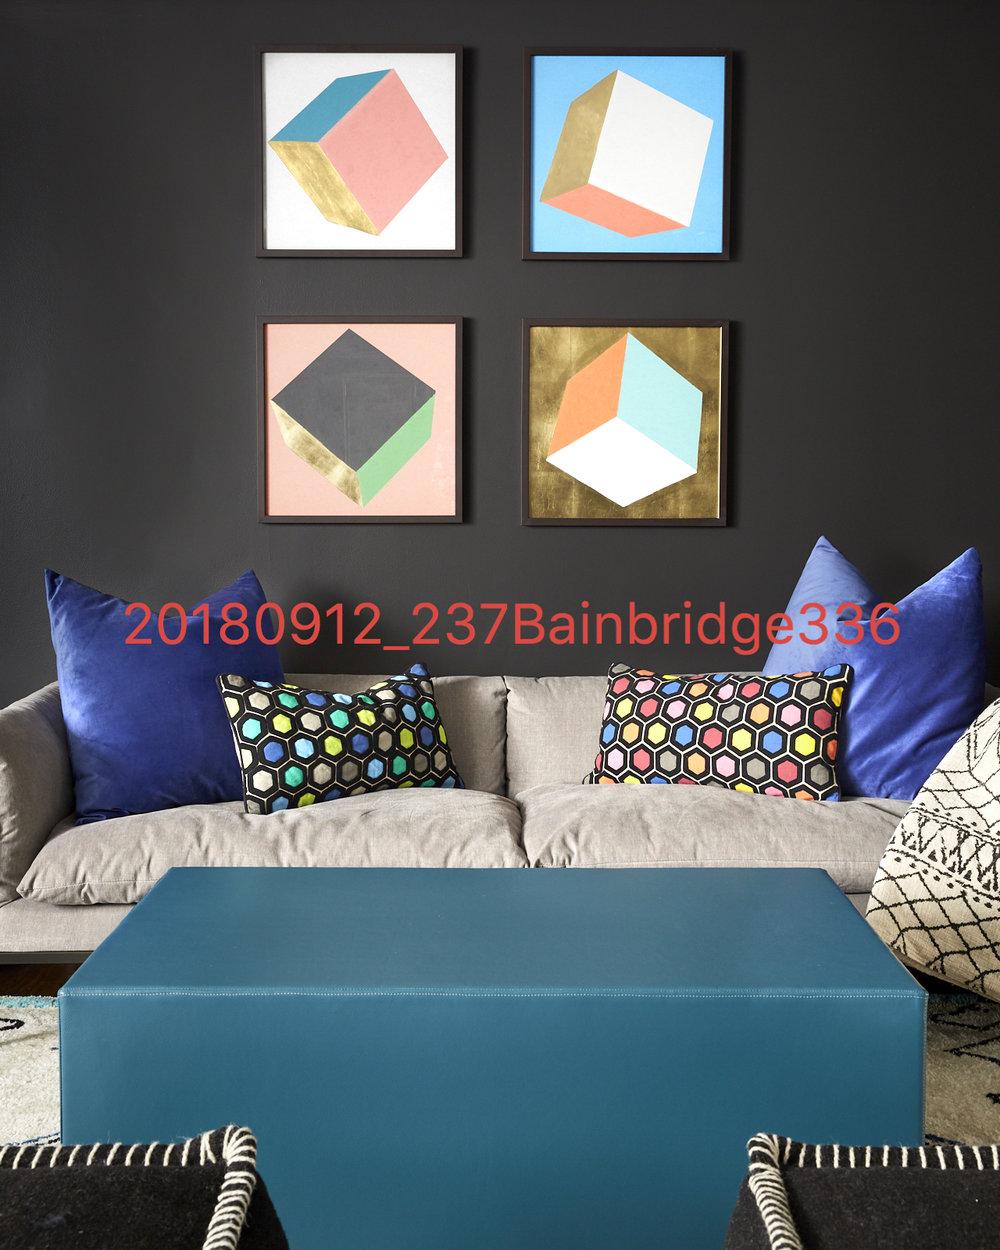 Bainbridge Sample_Web Gallery_130.jpg